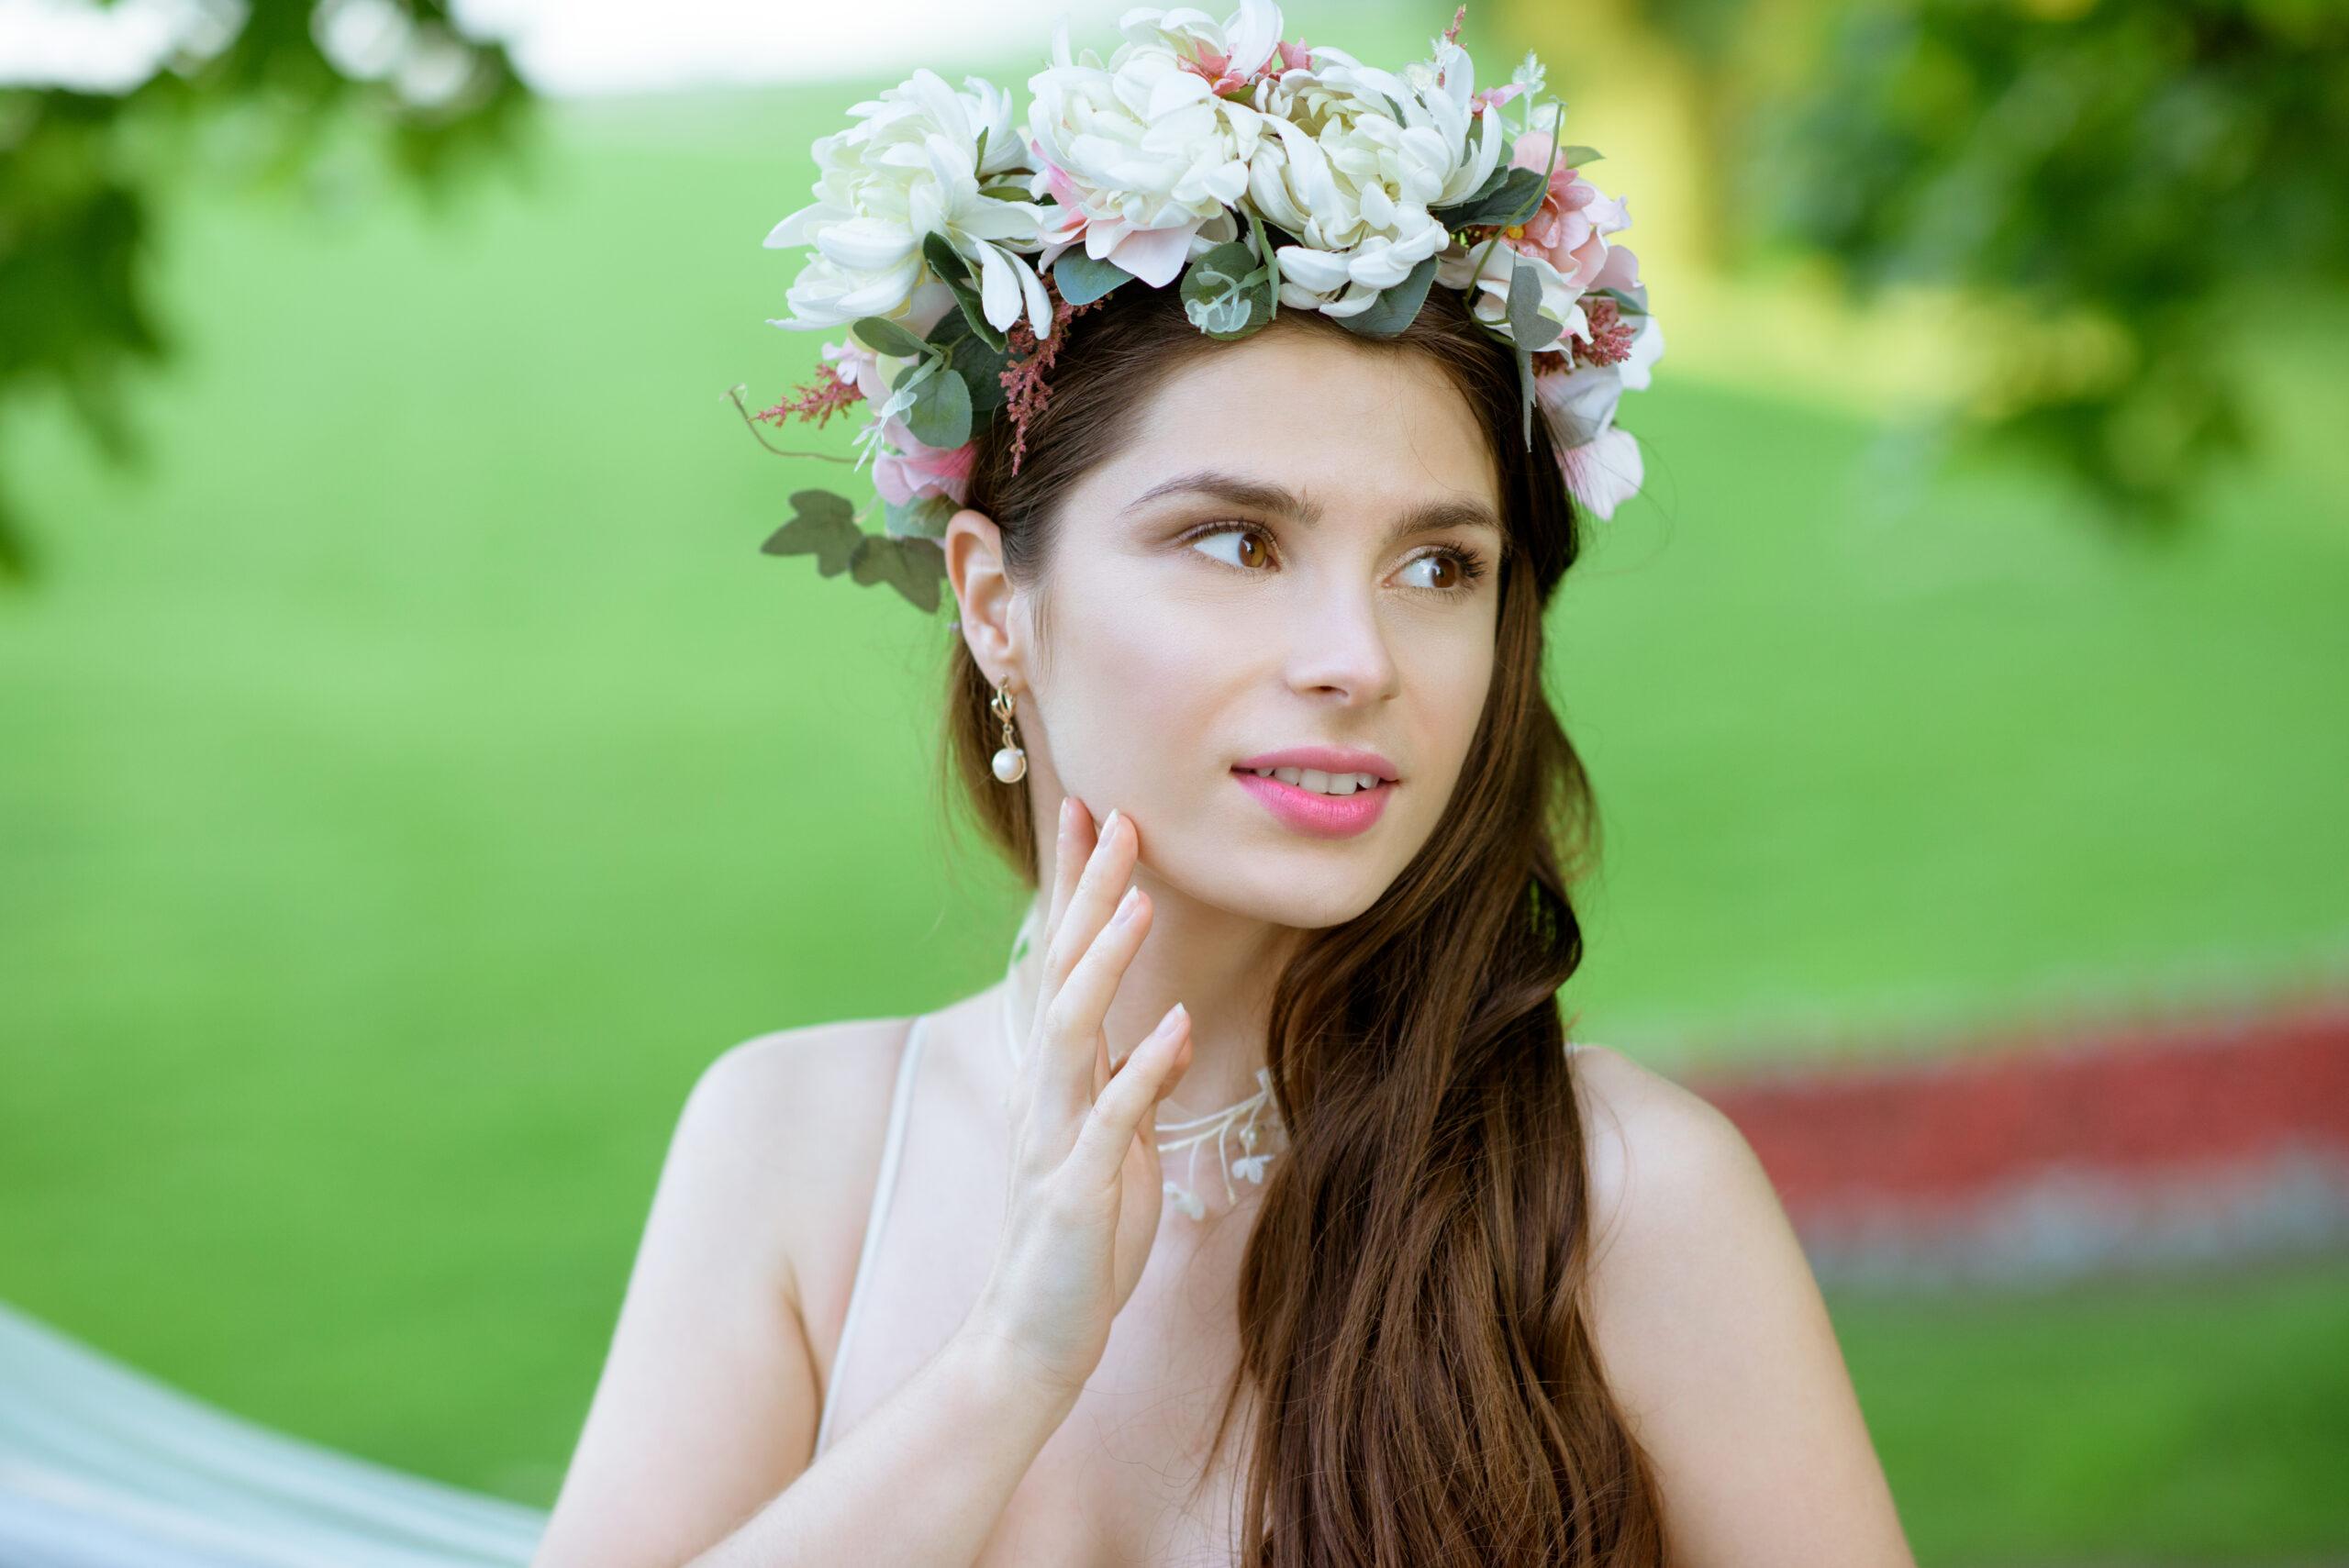 panna młoda z wiankiem z kwiatów